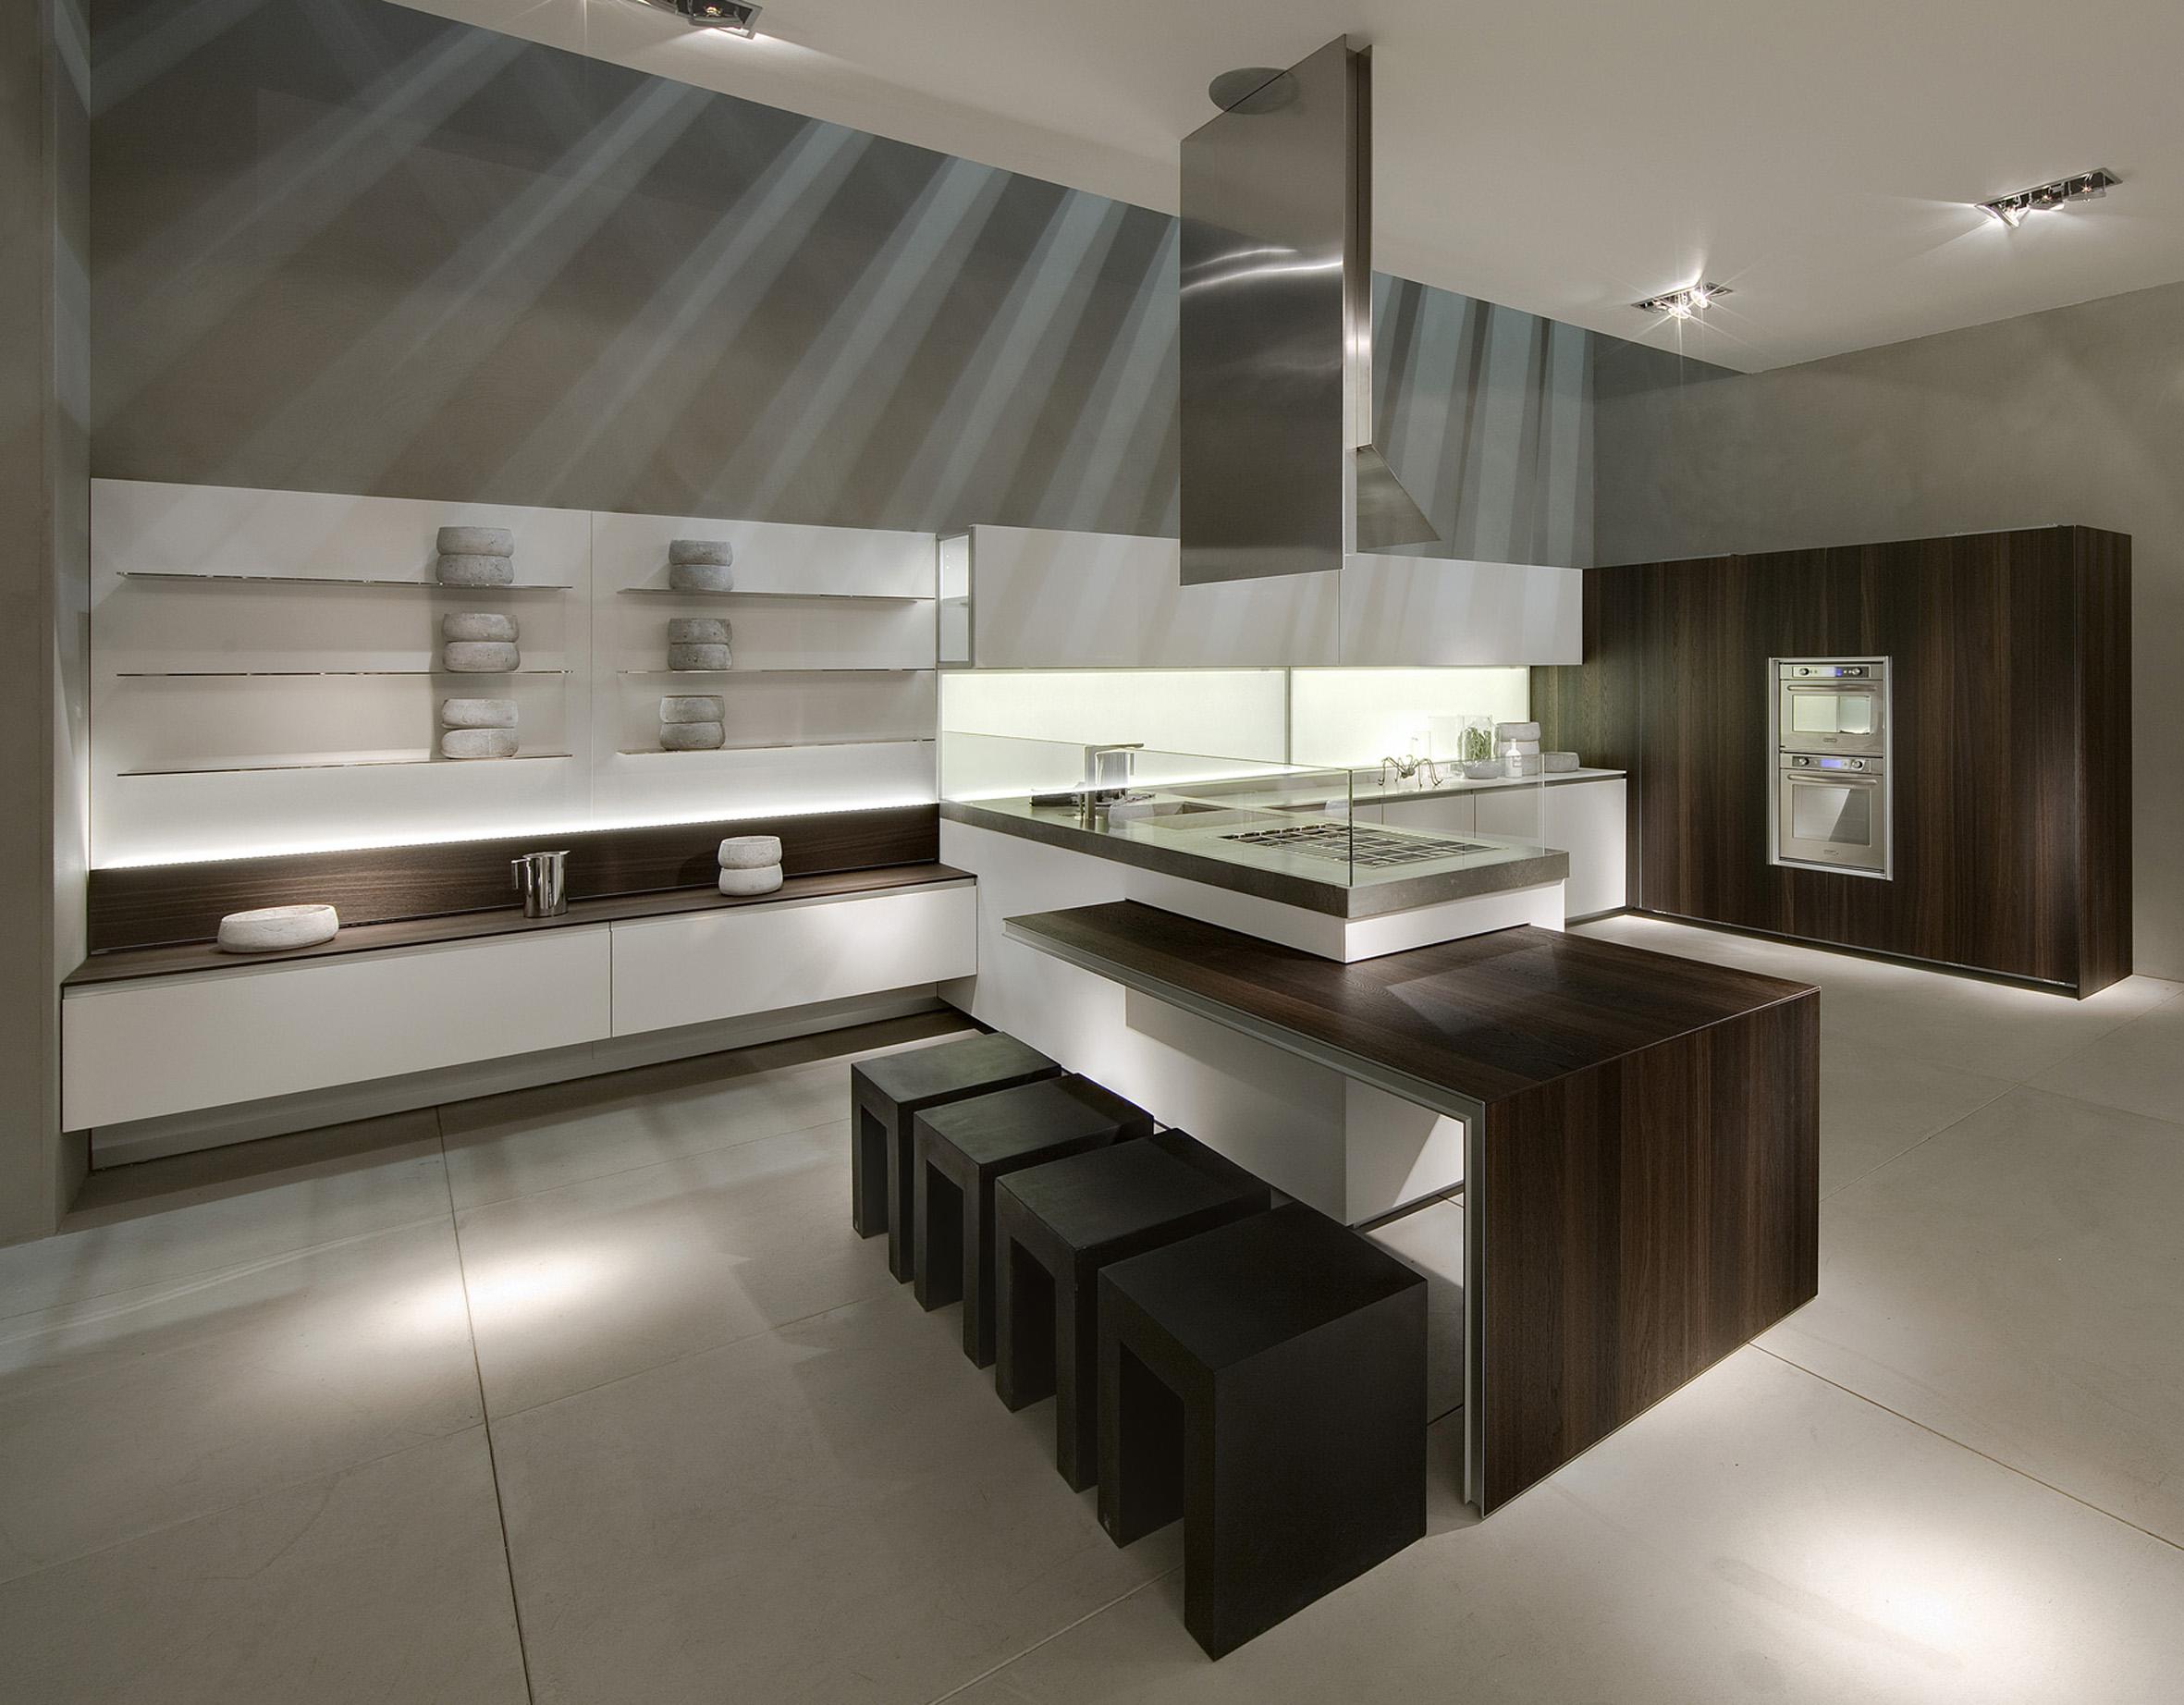 La prima di ernestomeda a living kitchen - Cucine ernestomeda immagini ...